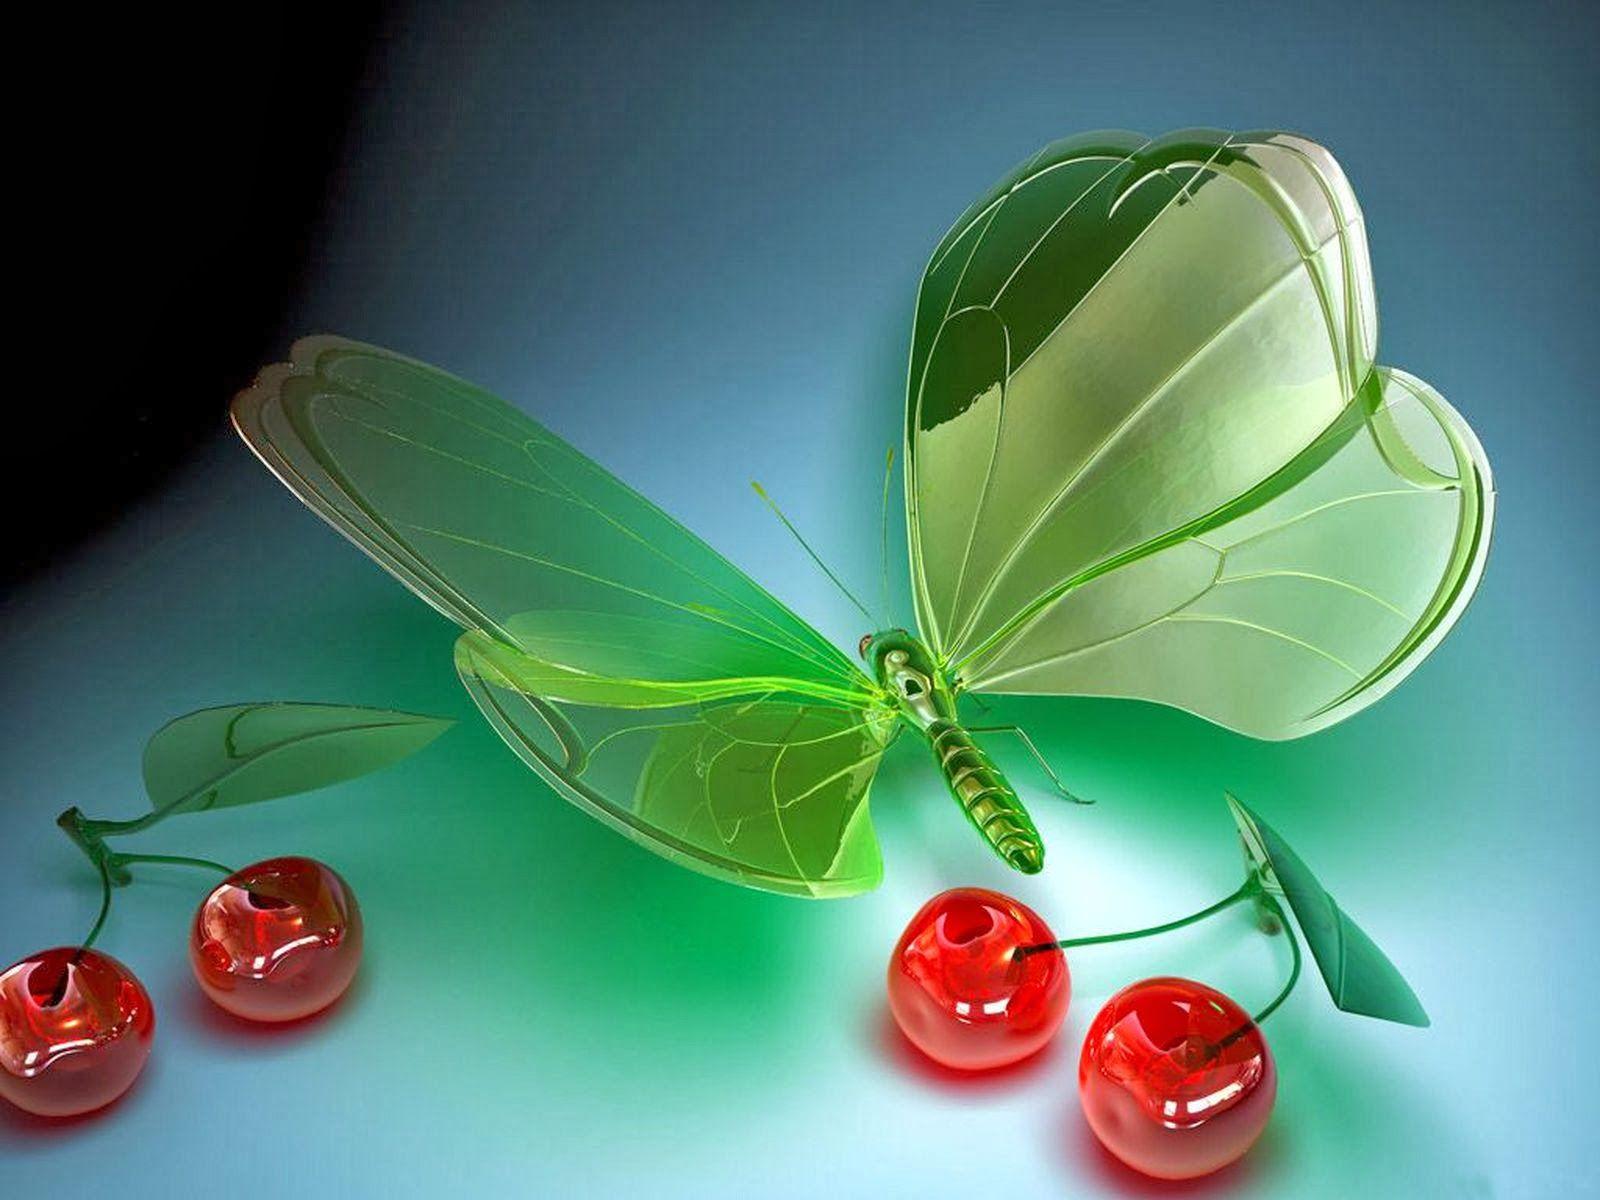 hd butterfly wallpapers free download hd butterflies 1600 900